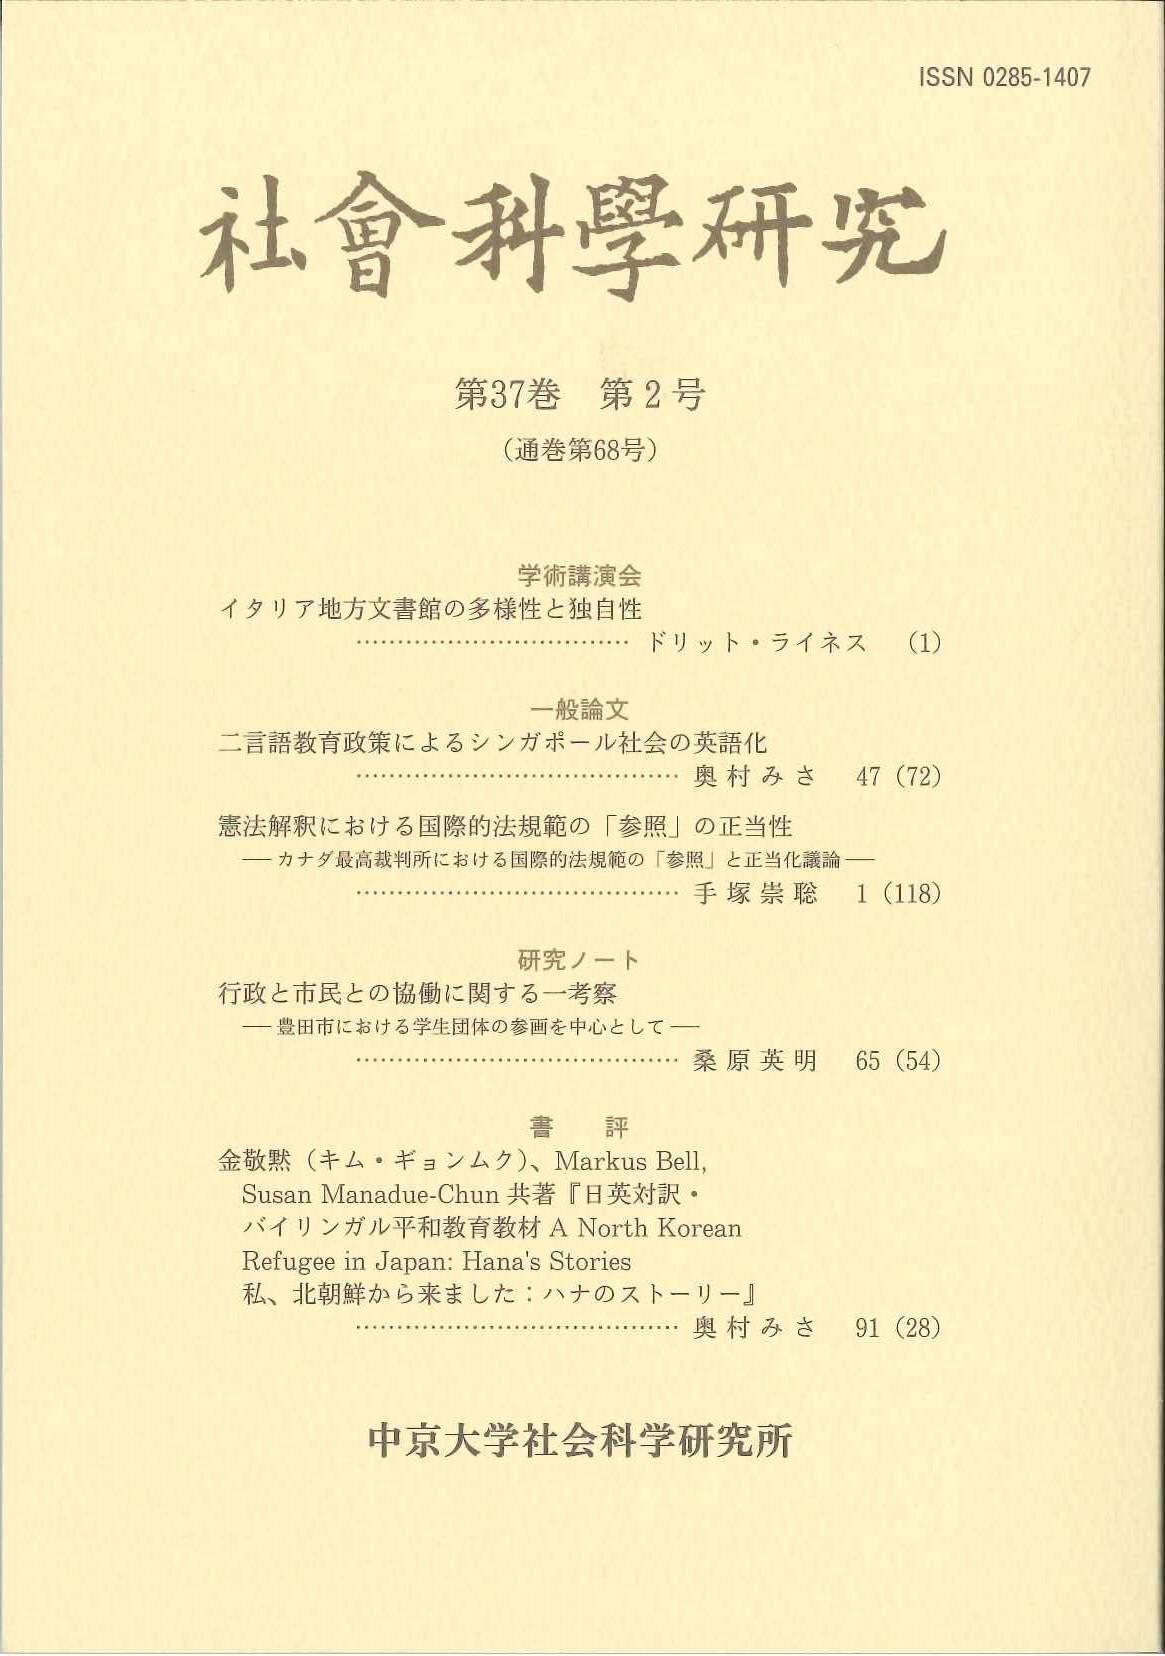 社会科学研究 第37巻第2号(通巻第68号)